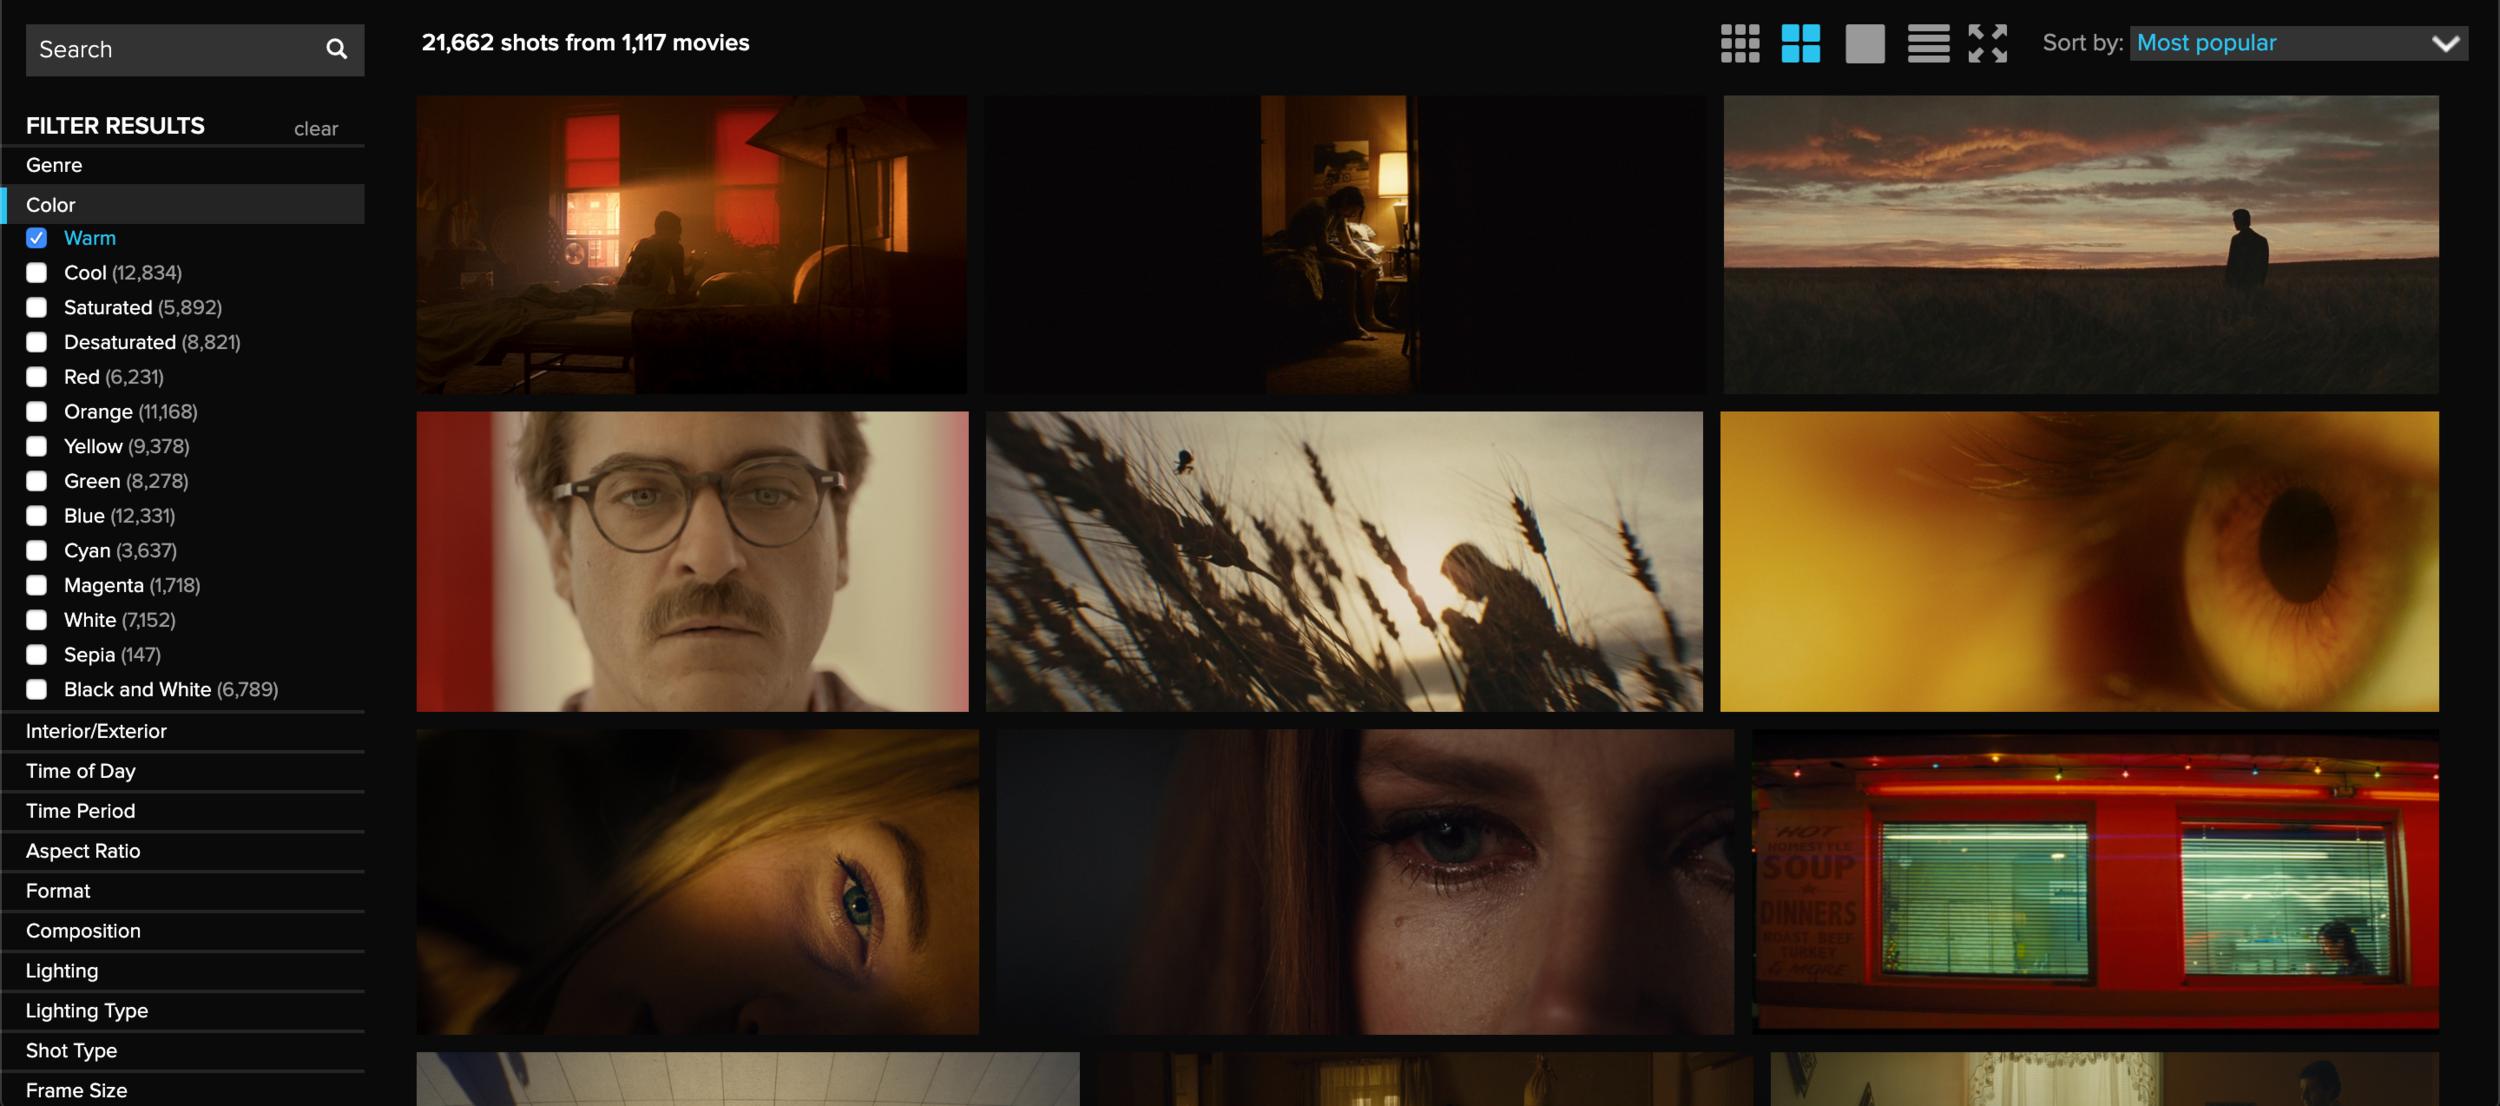 ShotDeck أكبر مكتبة بصرية سينمائية عليك معرفتها